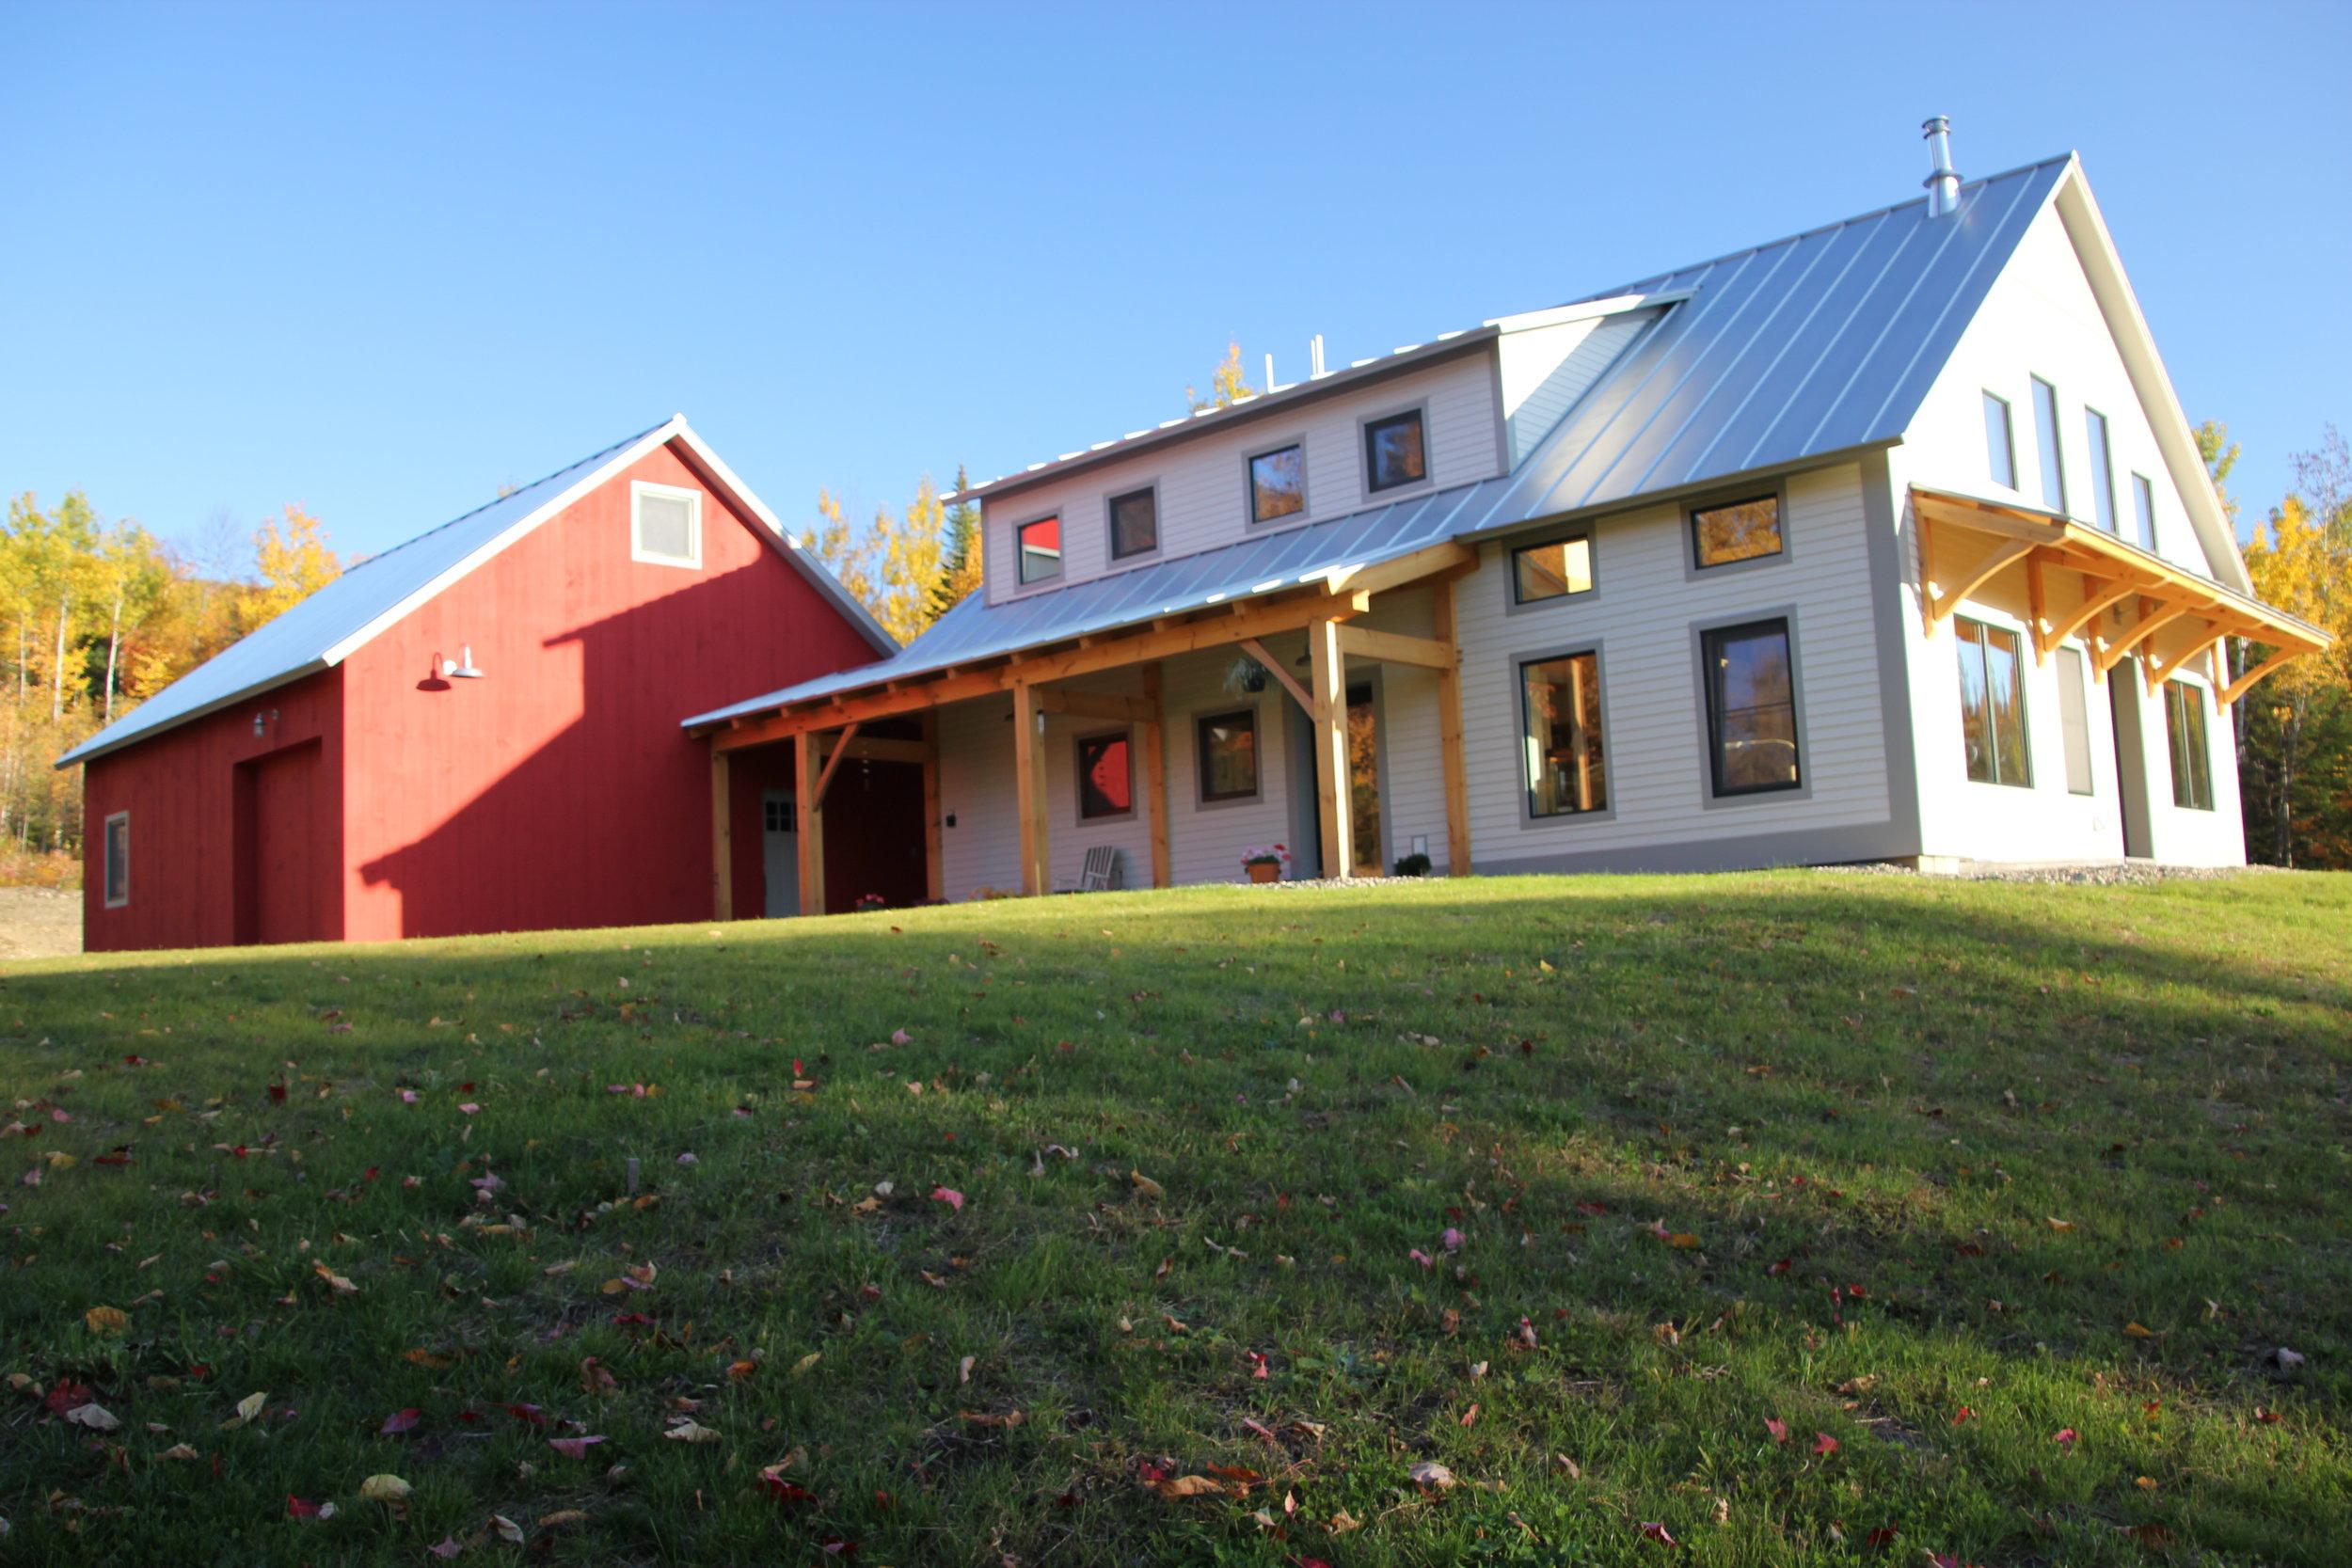 2015-10-15 Szauter Residence 2.JPG